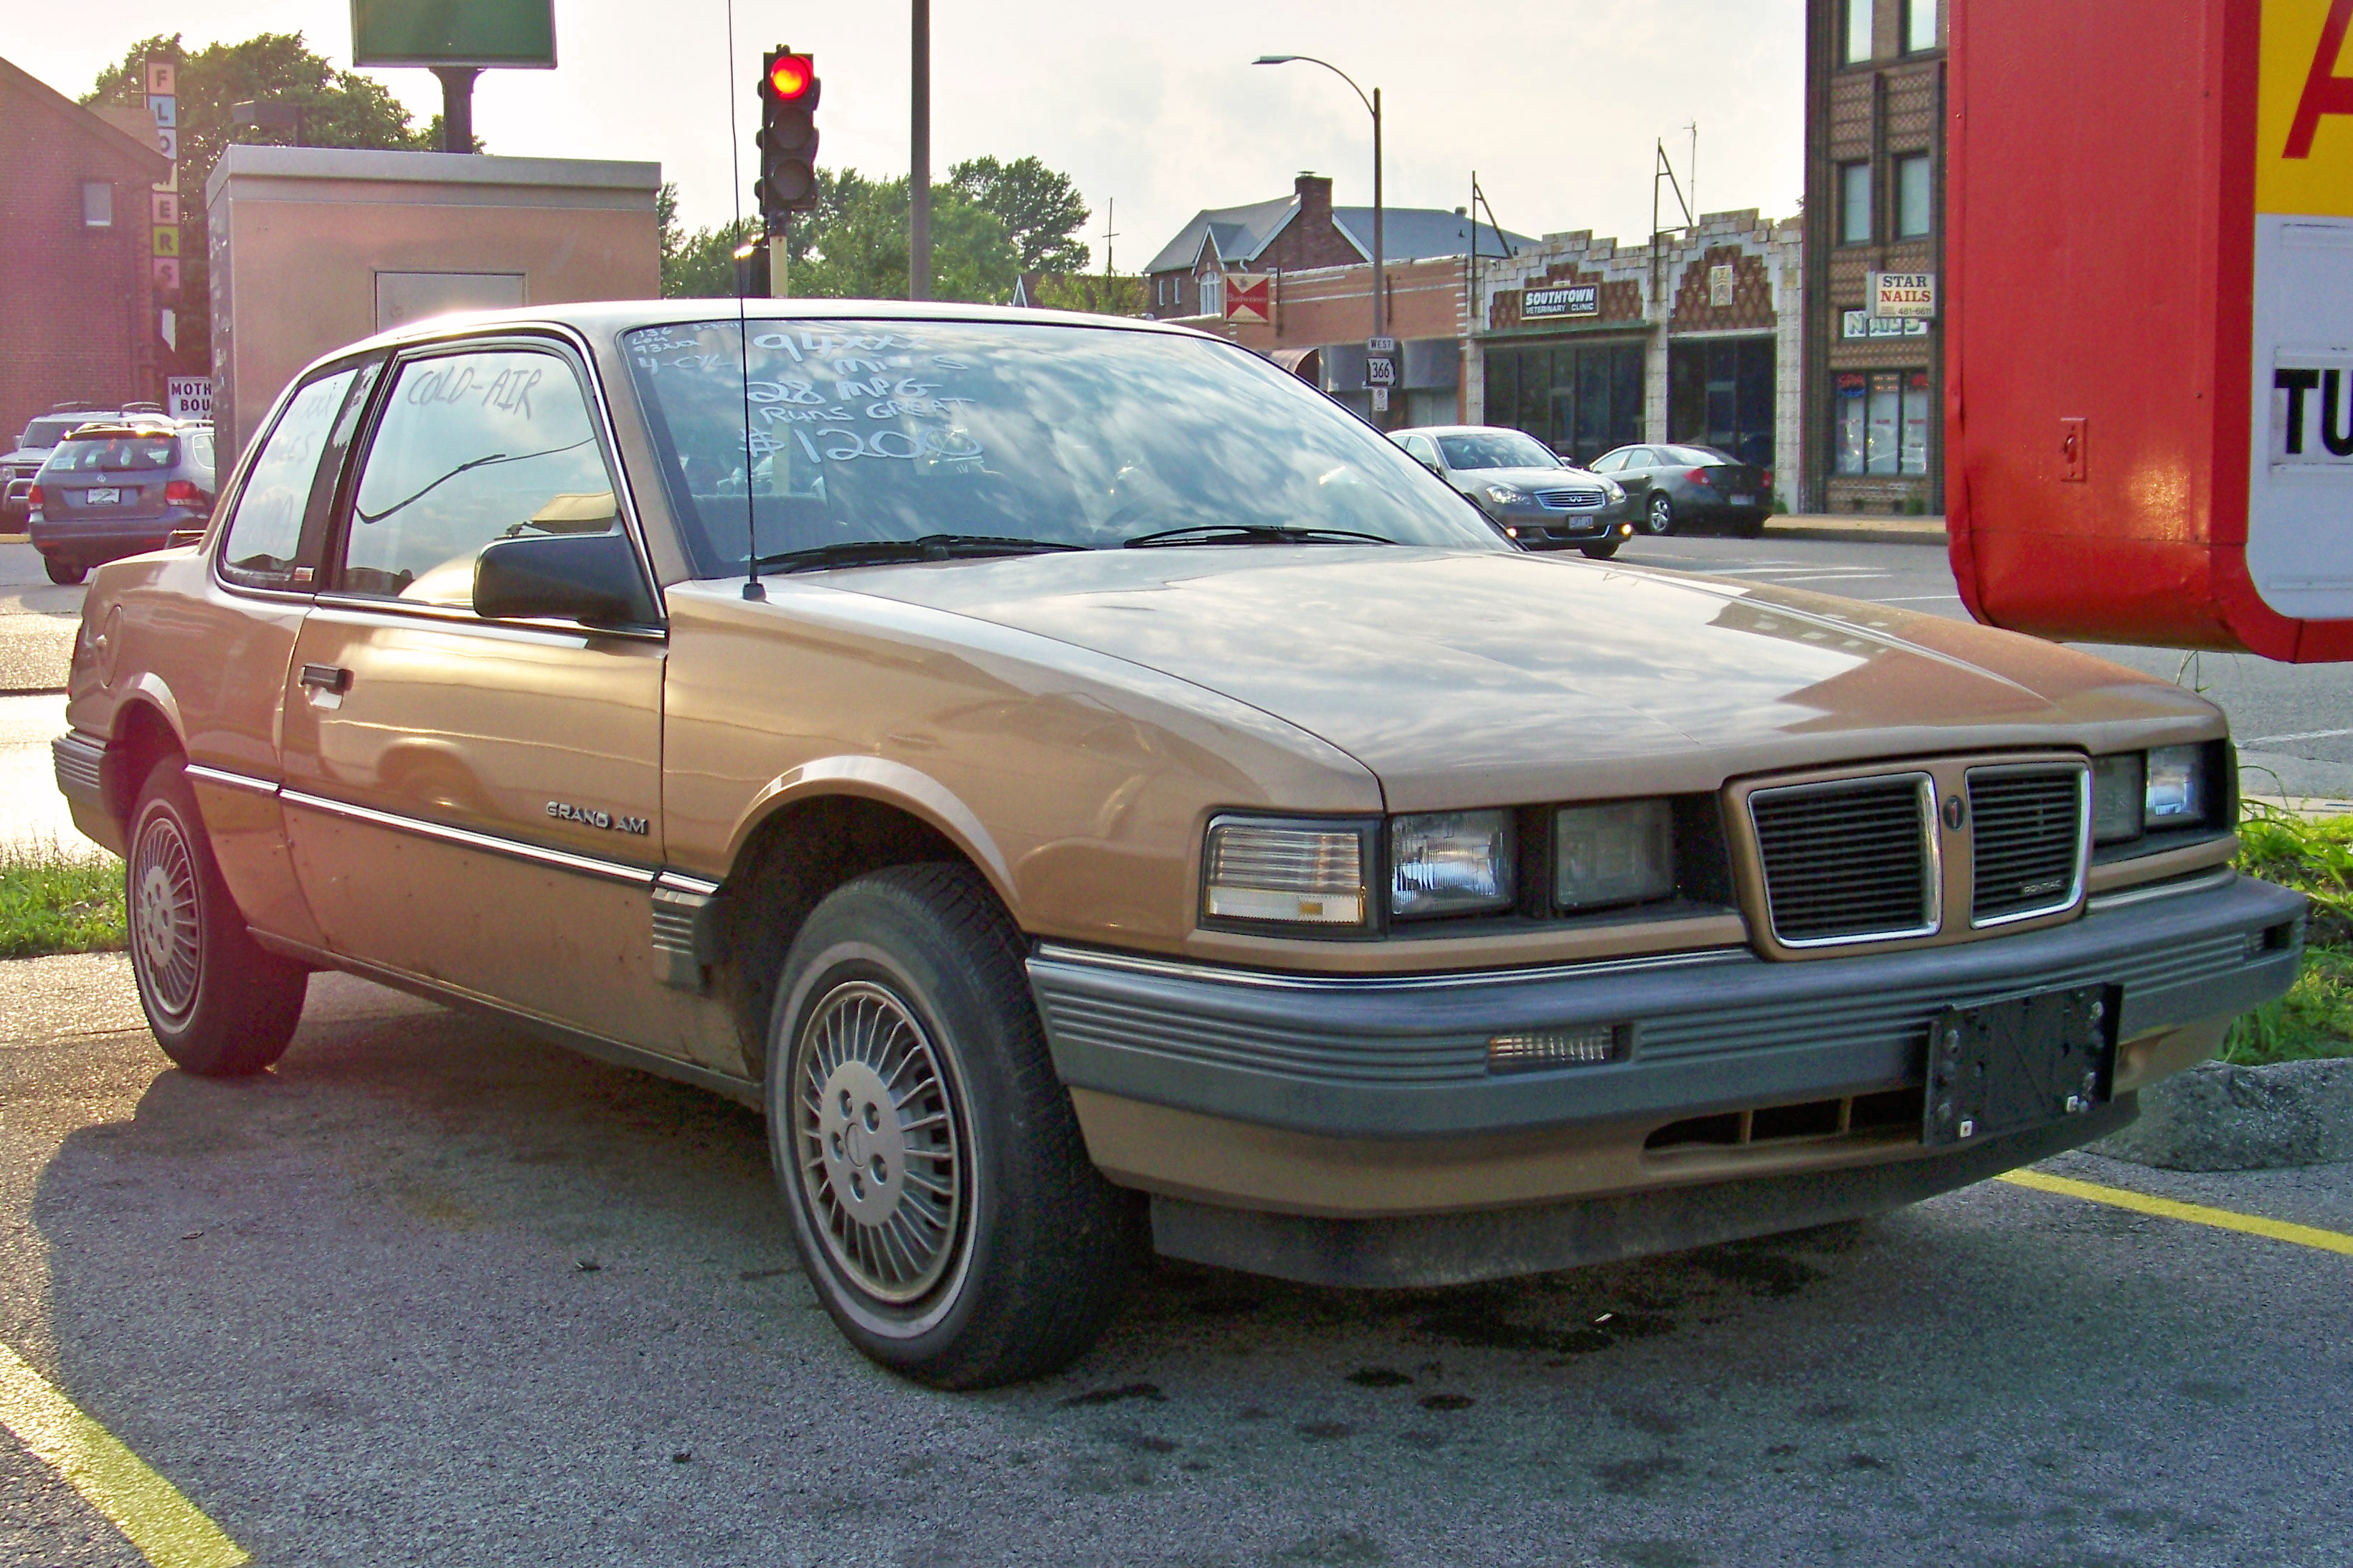 ... Pontiac Grand Am #8